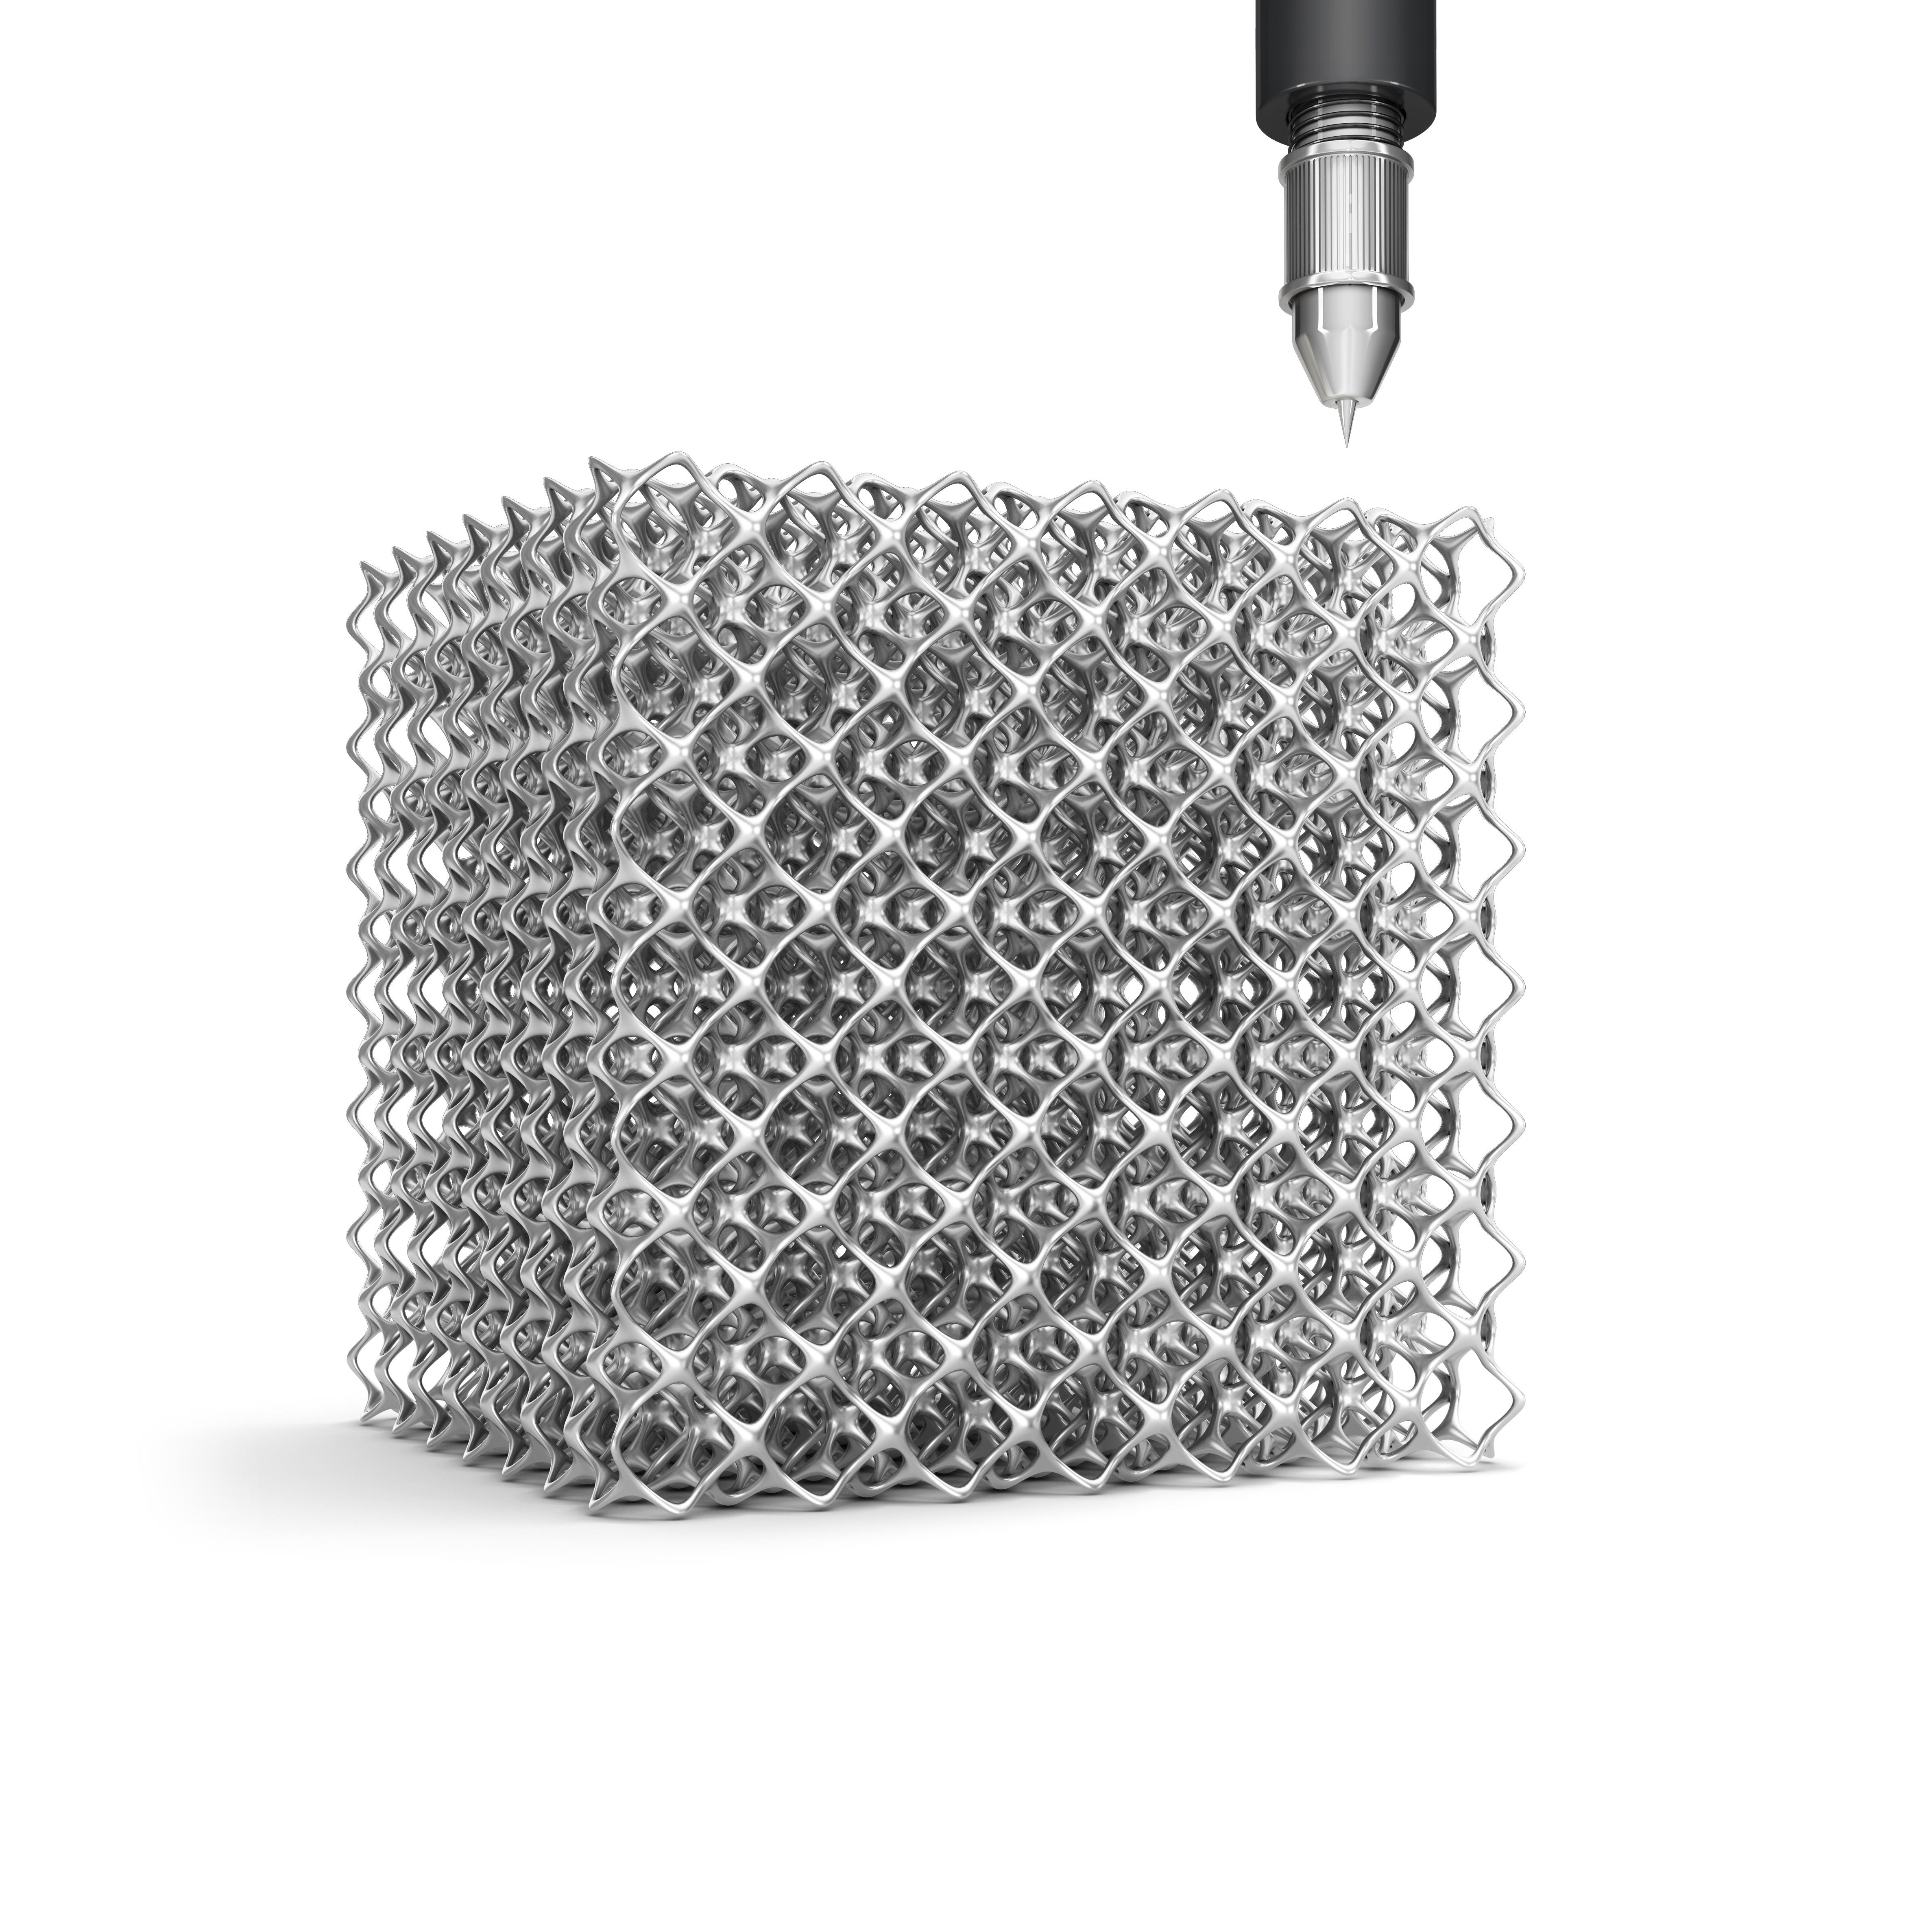 3D Gedrucktes Mikrogitter